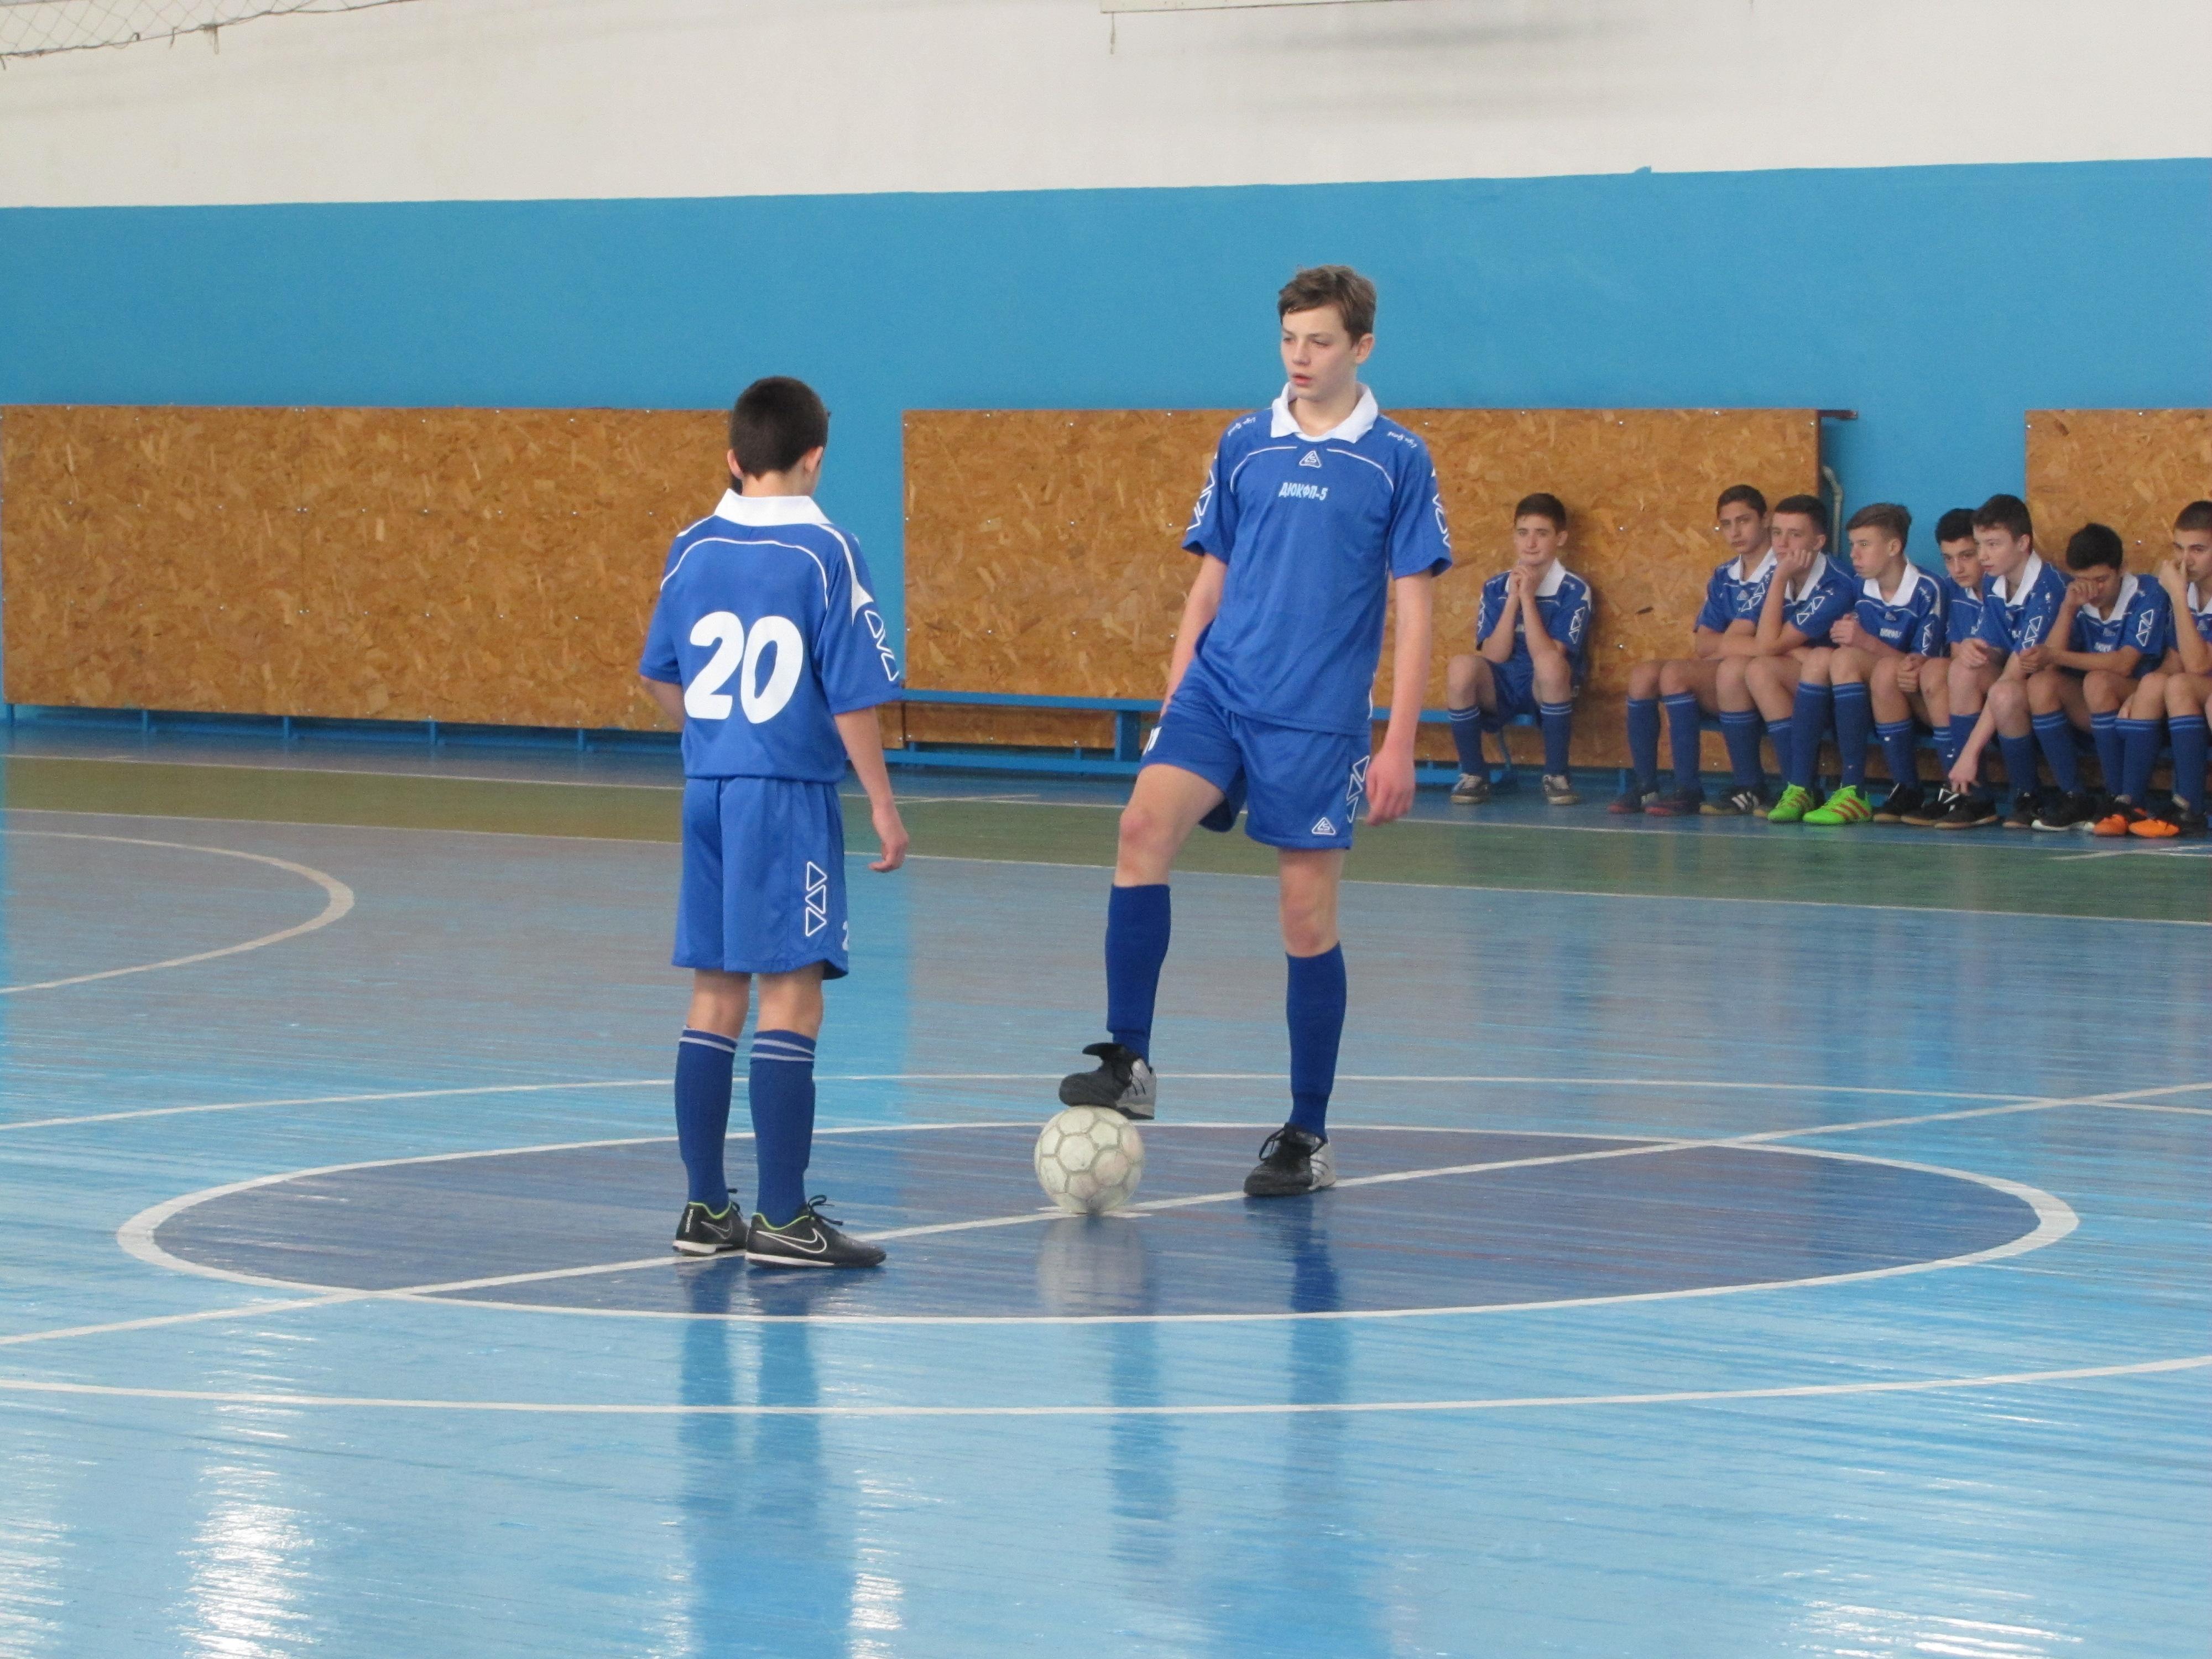 19-20 січня у спорткоплексі КДЮСШ м Херсону відбулися зональні змагання Чемпіонату Херсонської області з футзалу серед юнаків 2001-2002 років.